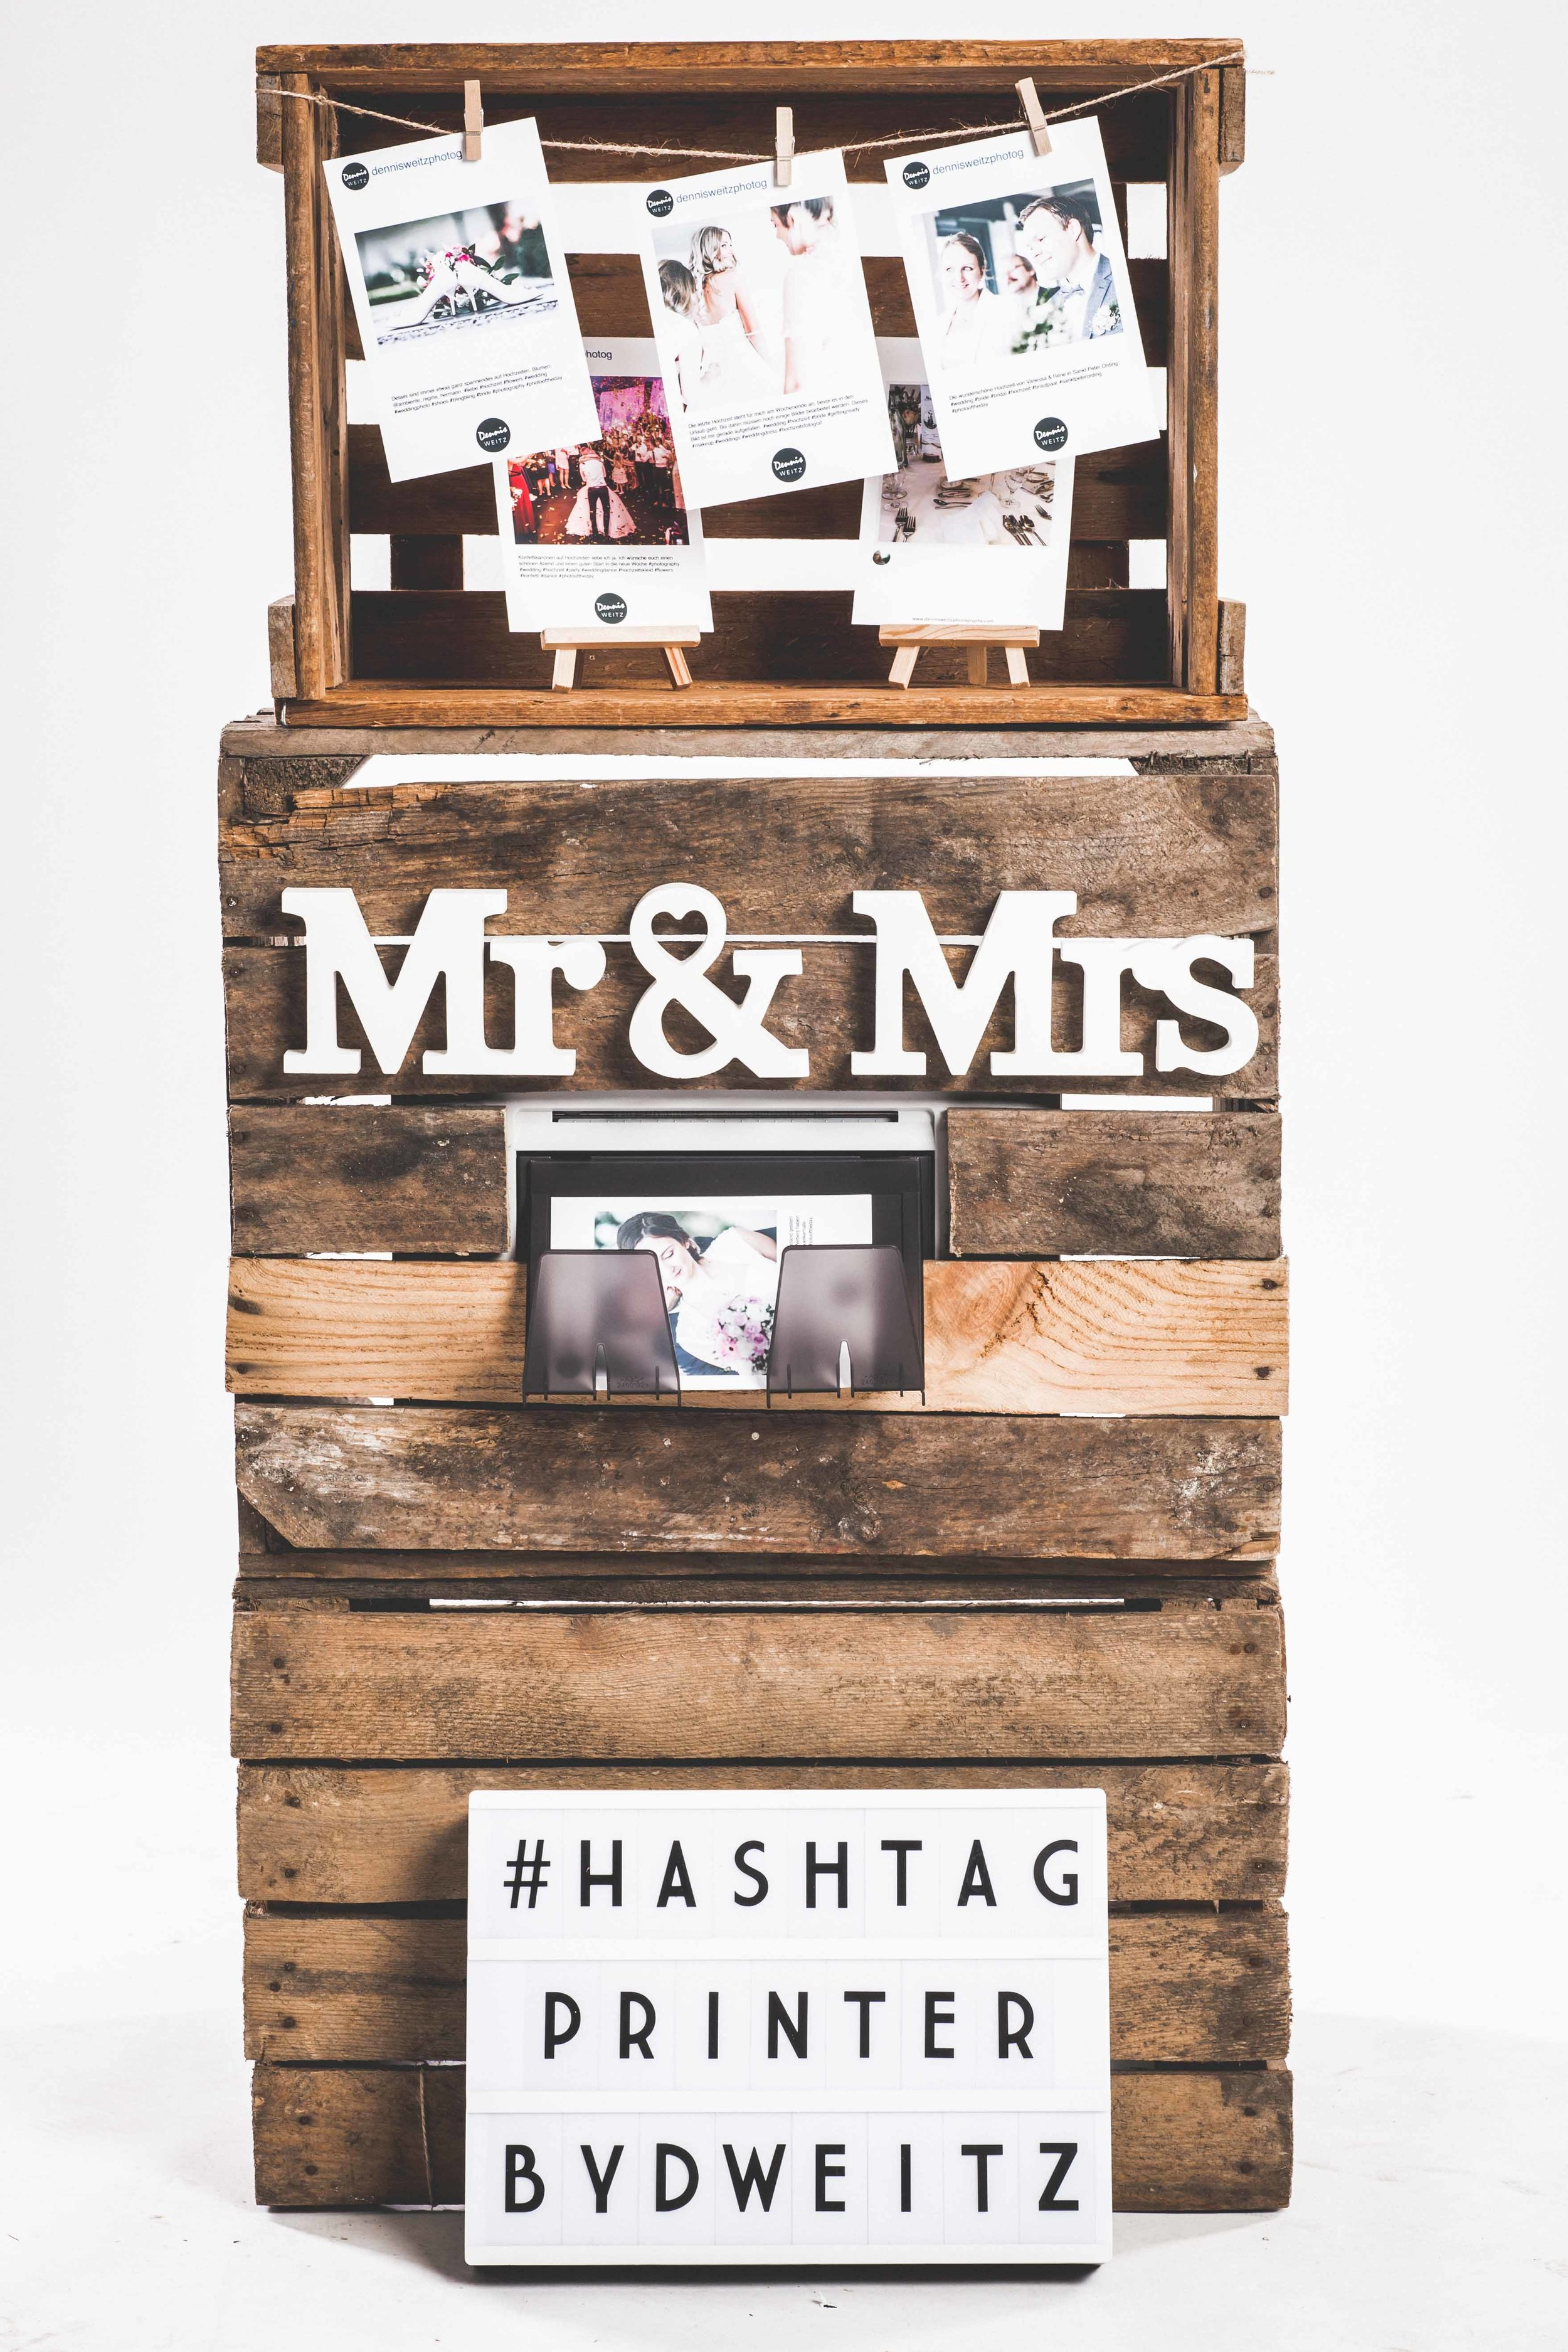 Hashtag Printer by Dennis Weitz - Der Hashtag Printer bietet euch die Möglichkeit, alle Bilder die eure Gäste auf der Hochzeit bei Instagram posten, unter einem vordefinierten #Hashtag zu bündeln. Das Coole dabei ist, dass die Bilder mit eurem #Hashtag automatisch von dem Hashtag Printer ausgedruckt werden. Der Hashtag Printer ist mit dem Internet verbunden und aktualisiert permanent nach eurem #Hashtag. Sobald ein Gast ein neues Bild bei Instagram postet, erkennt das der Hashtag Printer und druckt das Bild sofort aus. Es besteht auch die Möglichkeit, dass über einen Monitor alle Bilder angeschaut werden können und erneut ausgedruckt werden können.